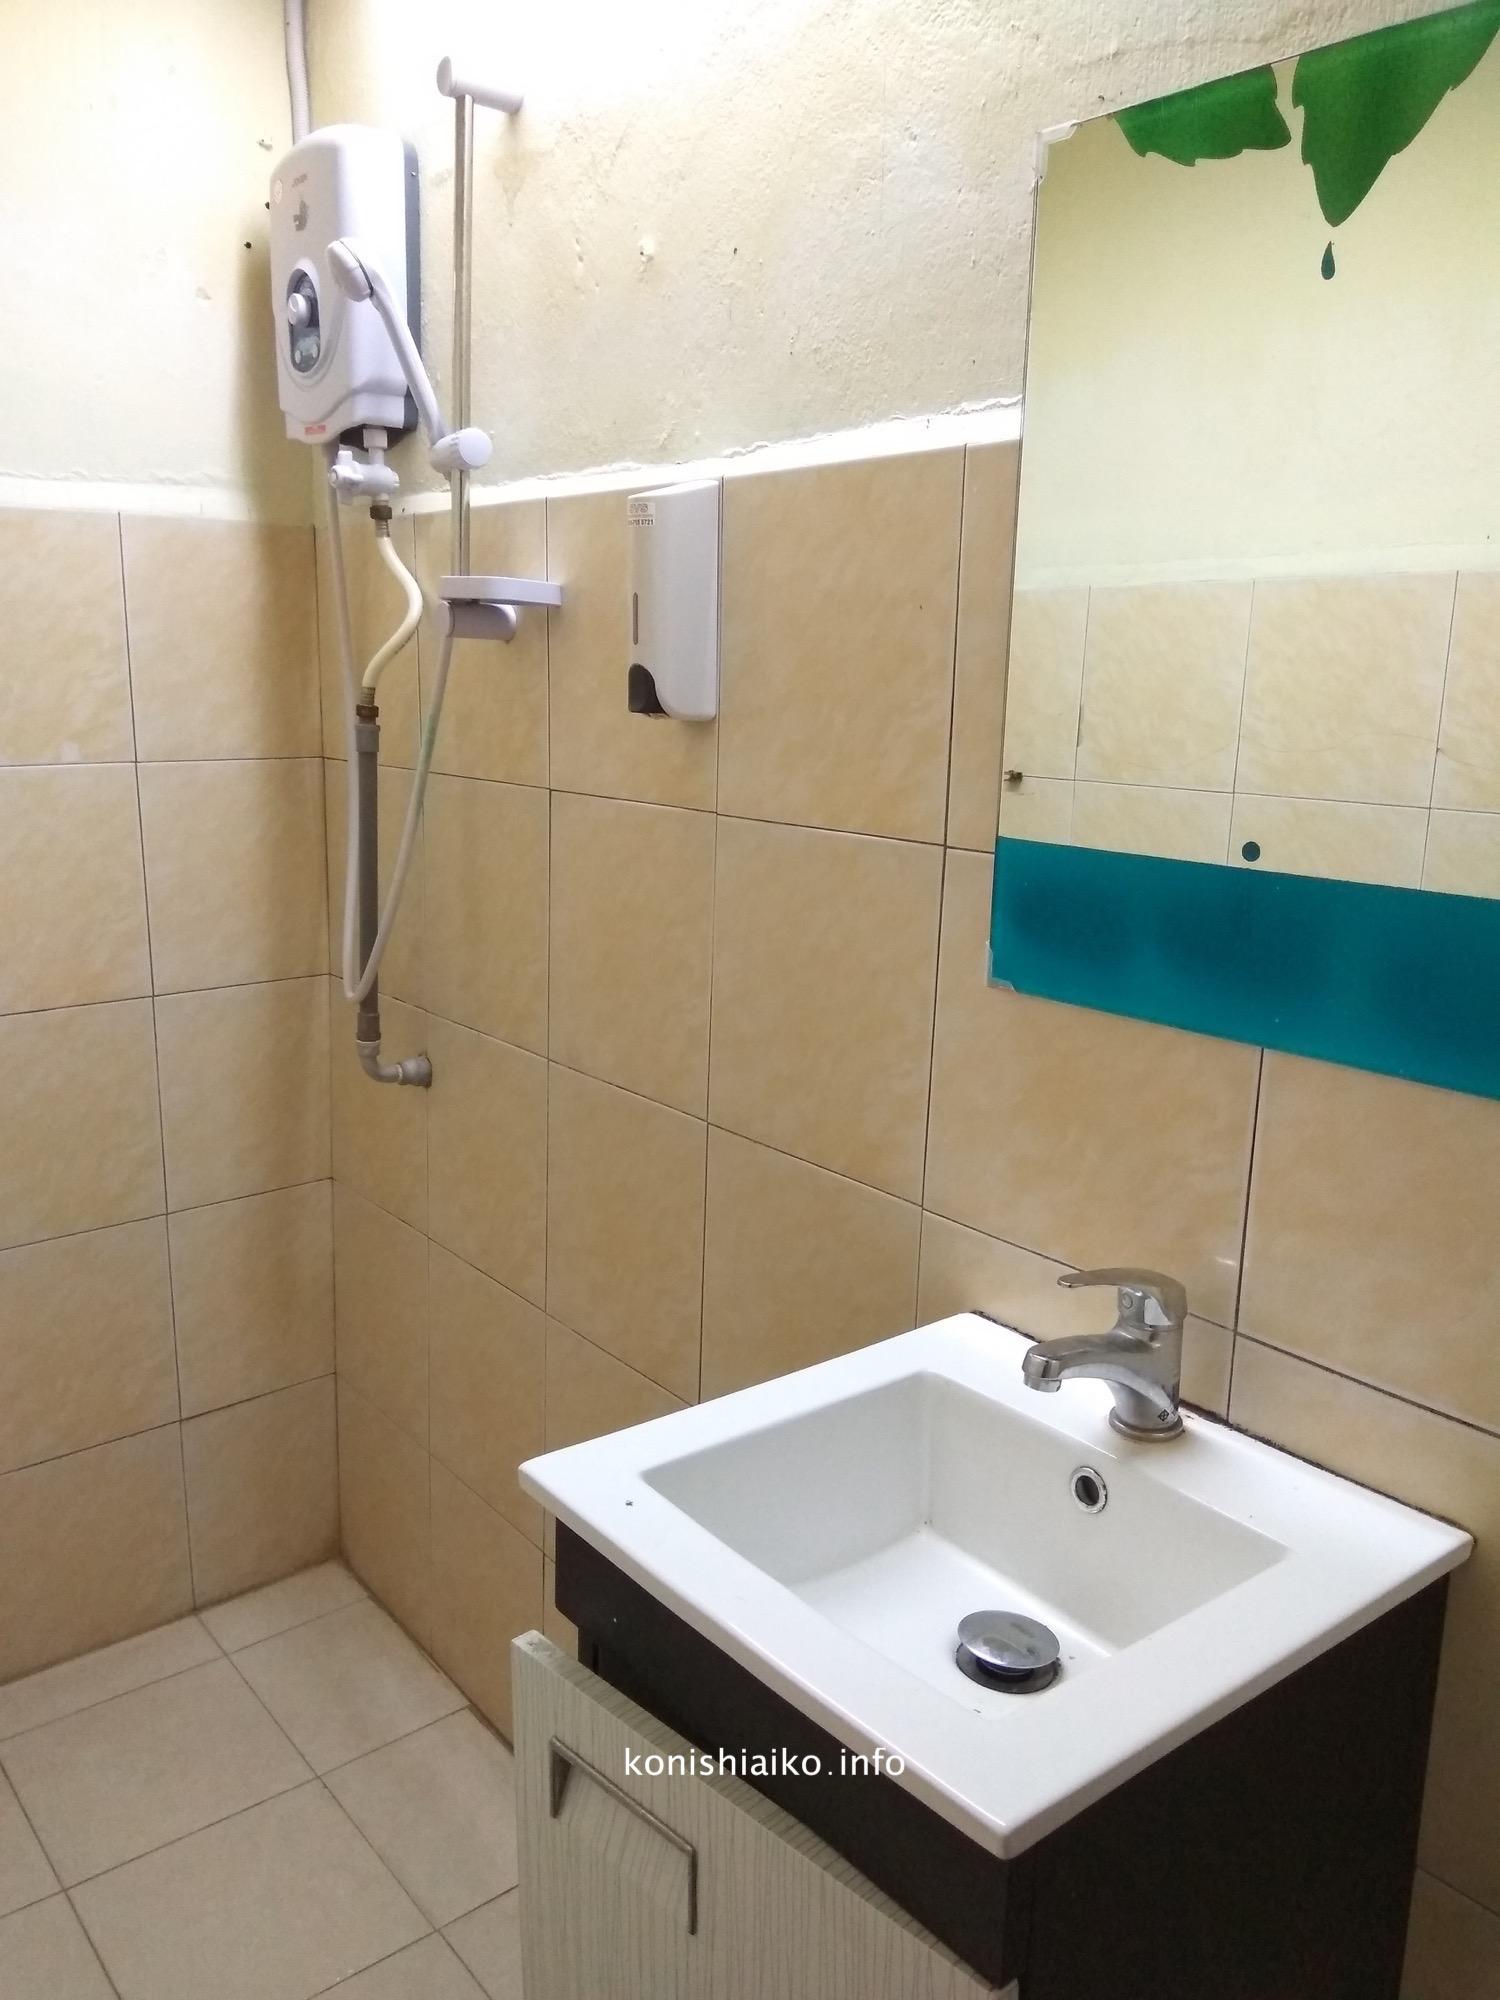 お湯が出る方のシャワールーム